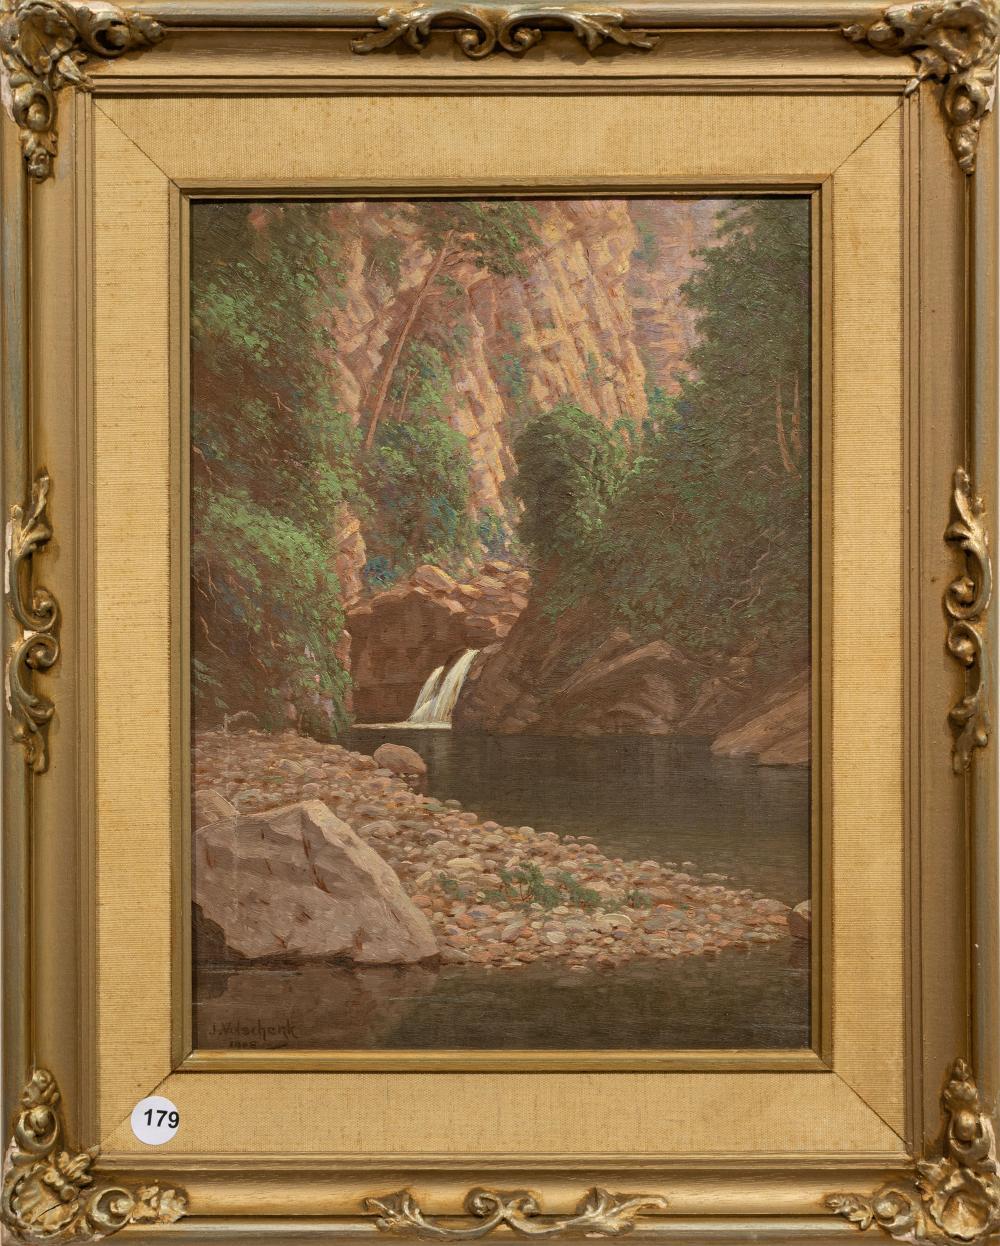 J.E.A. Volschenk (SA 1853 - 1936) Oil,